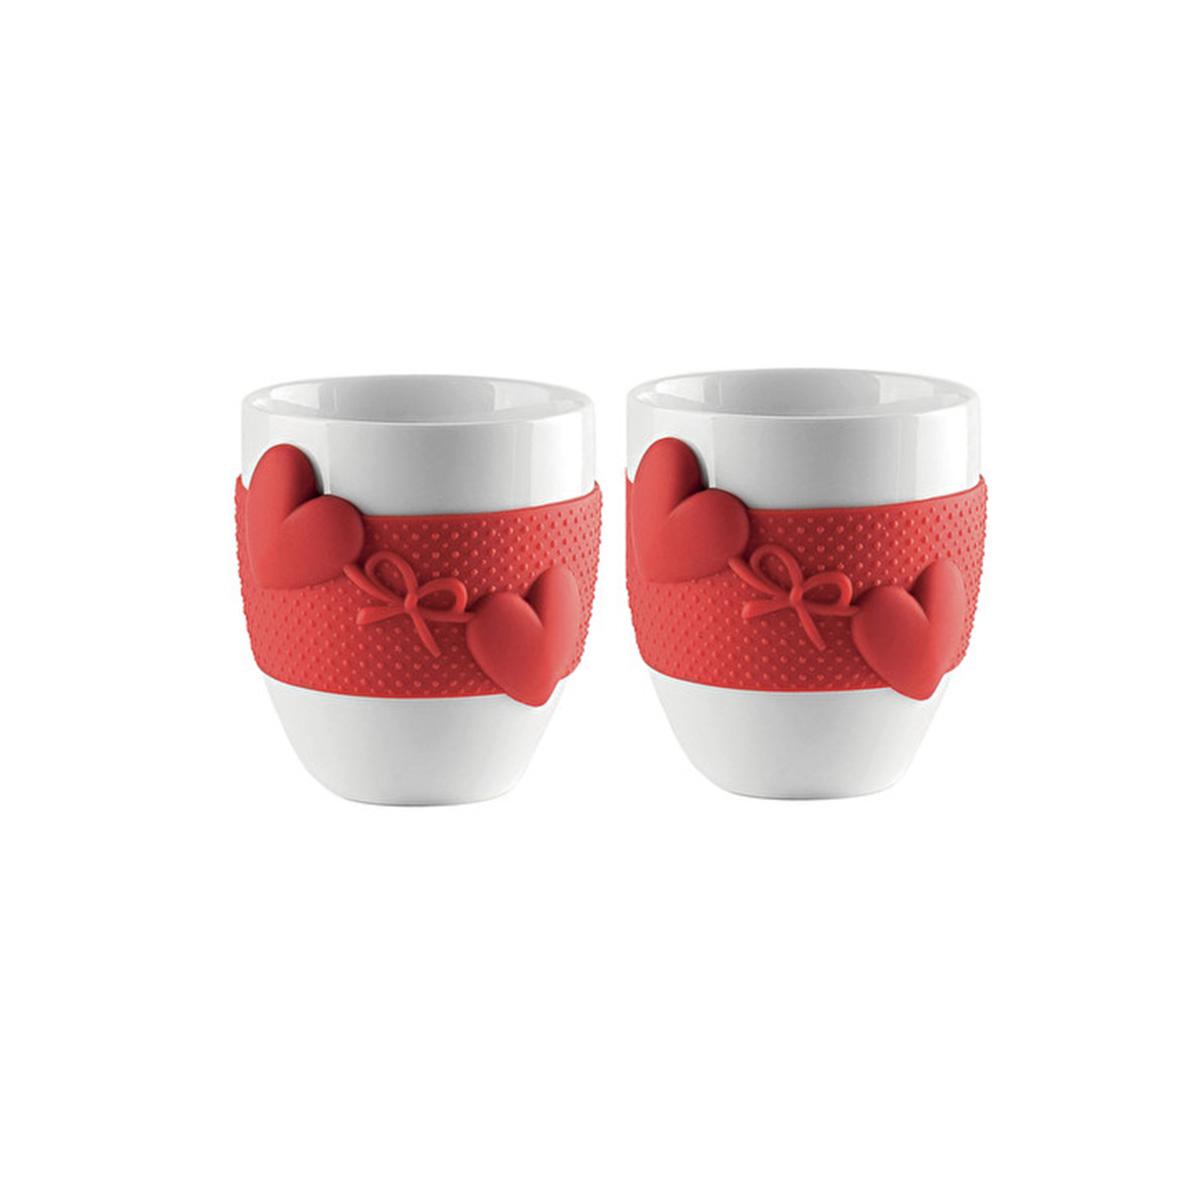 Set šolja za espresso Love 1149.00.55 crvene